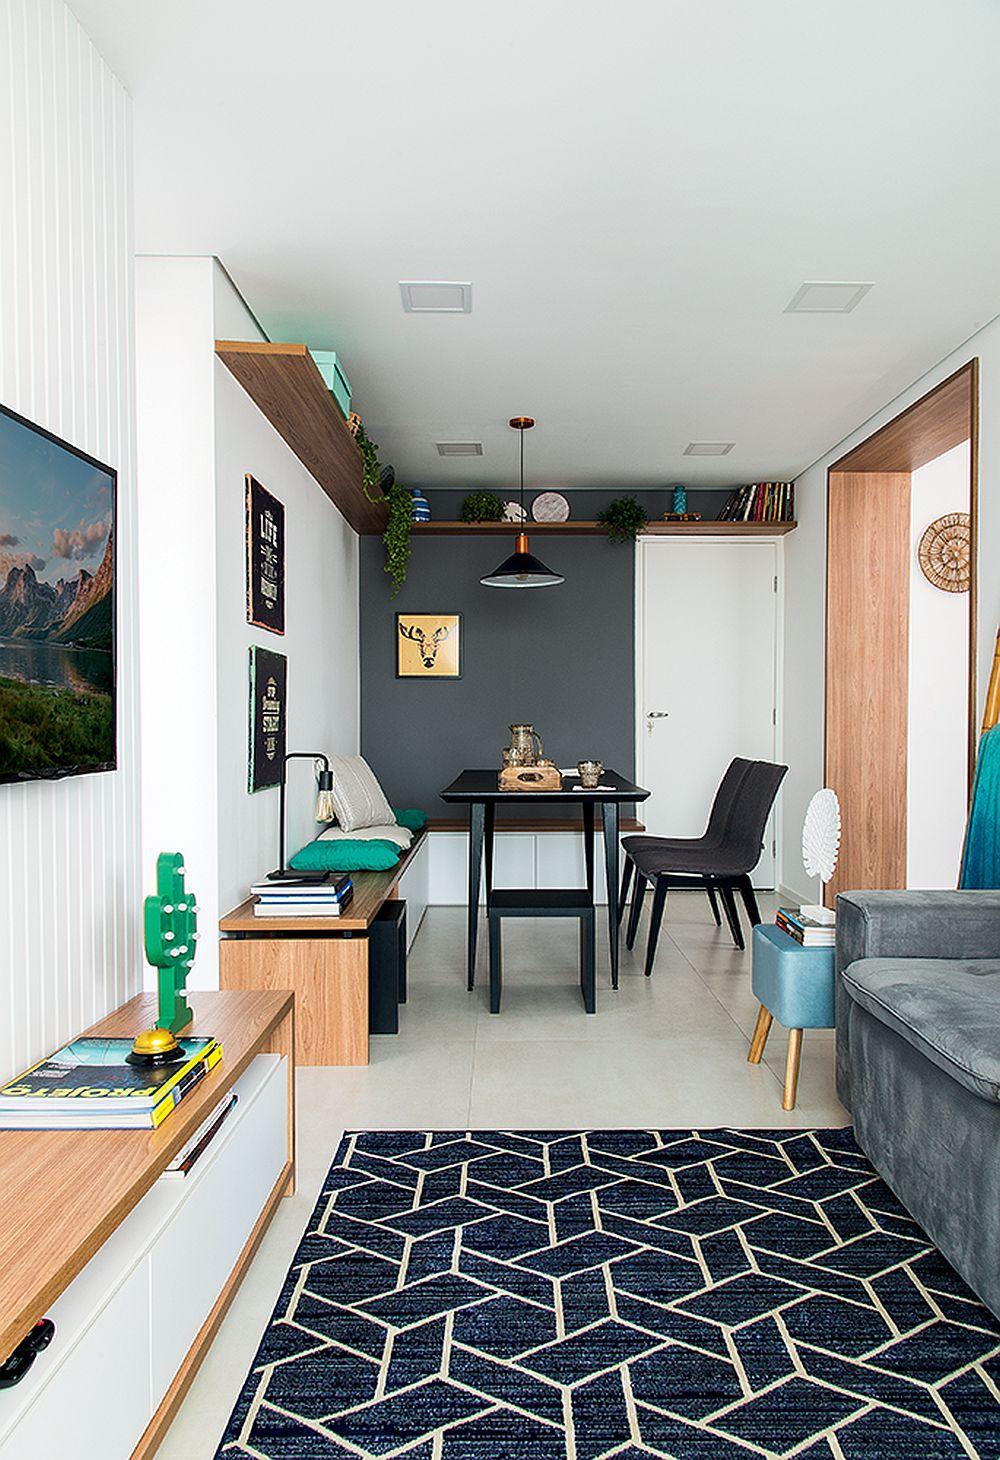 Ușa albă din dreapta este cea de la intrare în locuință. Raftul superior, aproape de tavan oferă loc de depozitare și continua ca și culoare și textură materialul folosit și pentru intradosul golului dinspre bucătărie. Pardoseala este aceeași ca și în bucătărie, dar în zona canapelei aceasta este acoperită cu un covor cu motive geomtrice pentru a creiona o atmosferă mai plăcută, mai caldă. Spațiul fiiind mic, mobilierul pe verticală lipsește, tocmai pentru a nu aglomera spațiul mic și îngust.